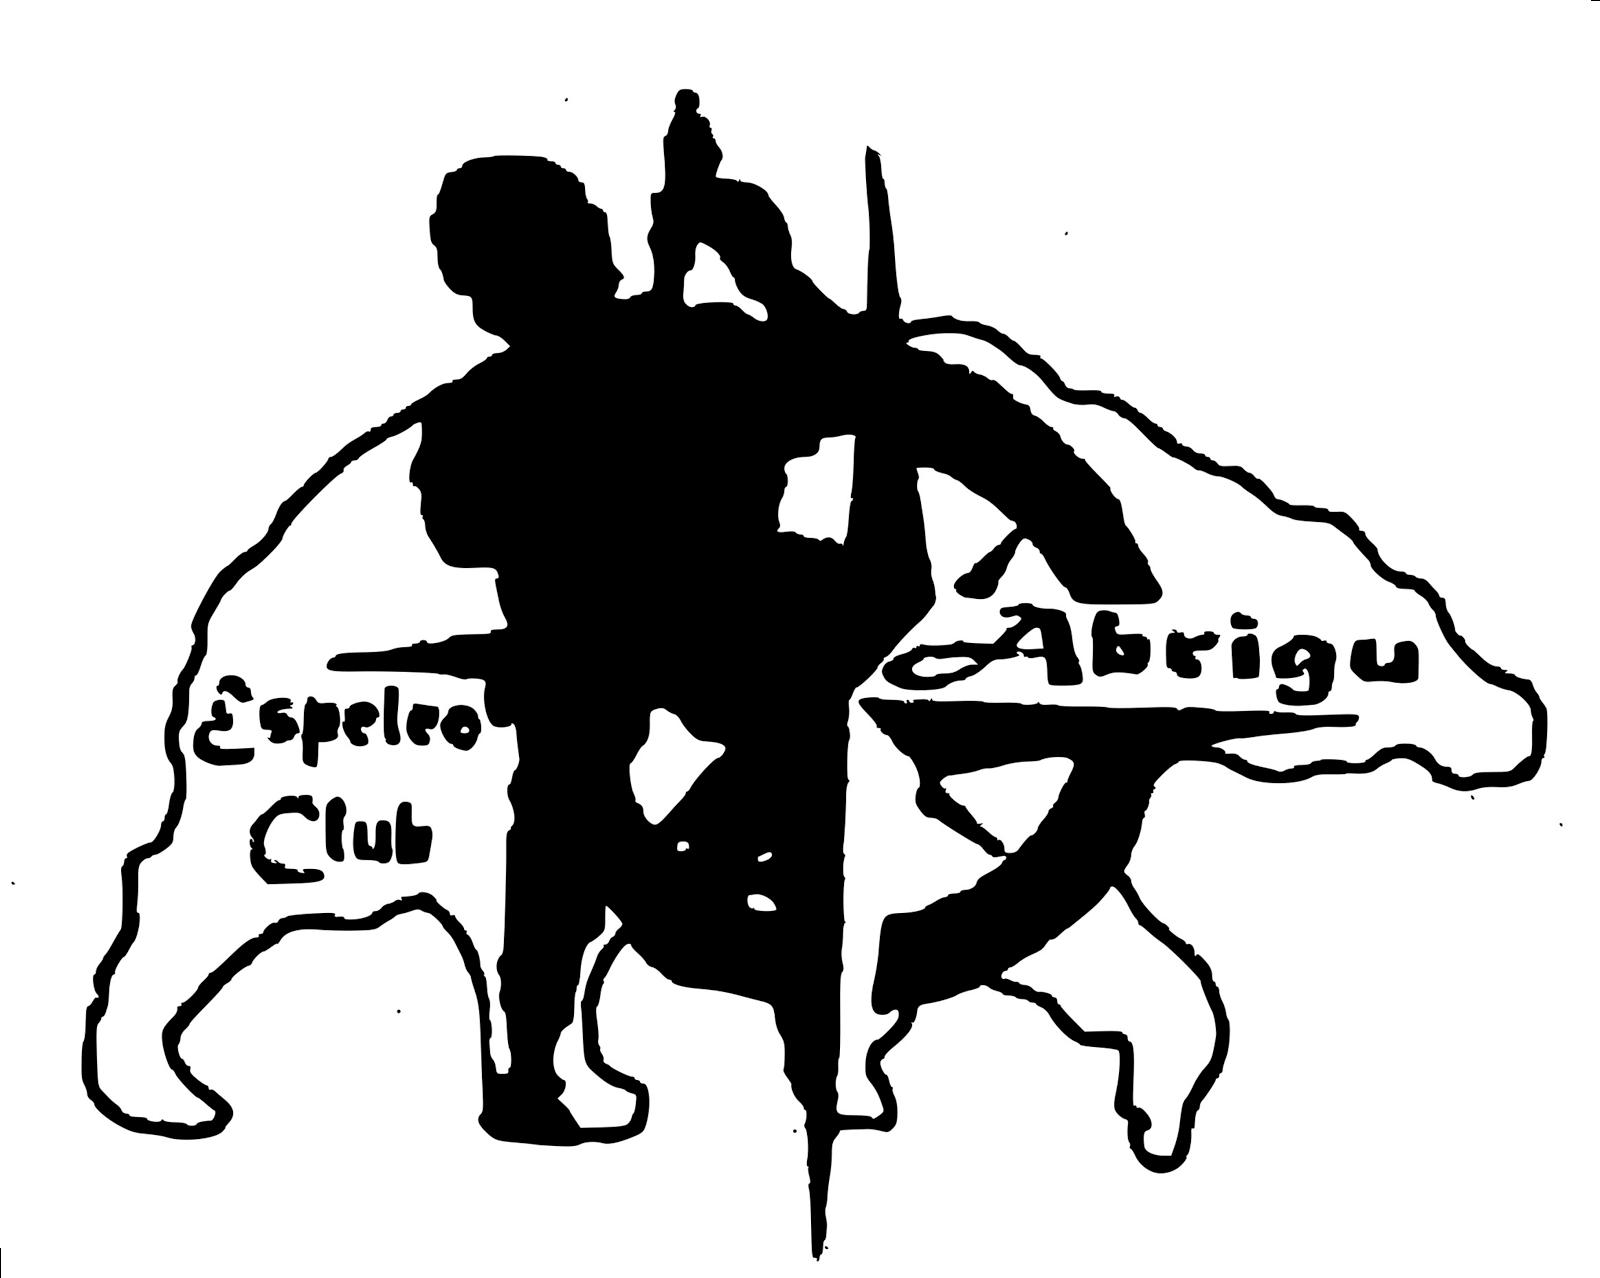 ESPELEO CLUB ÁBRIGU